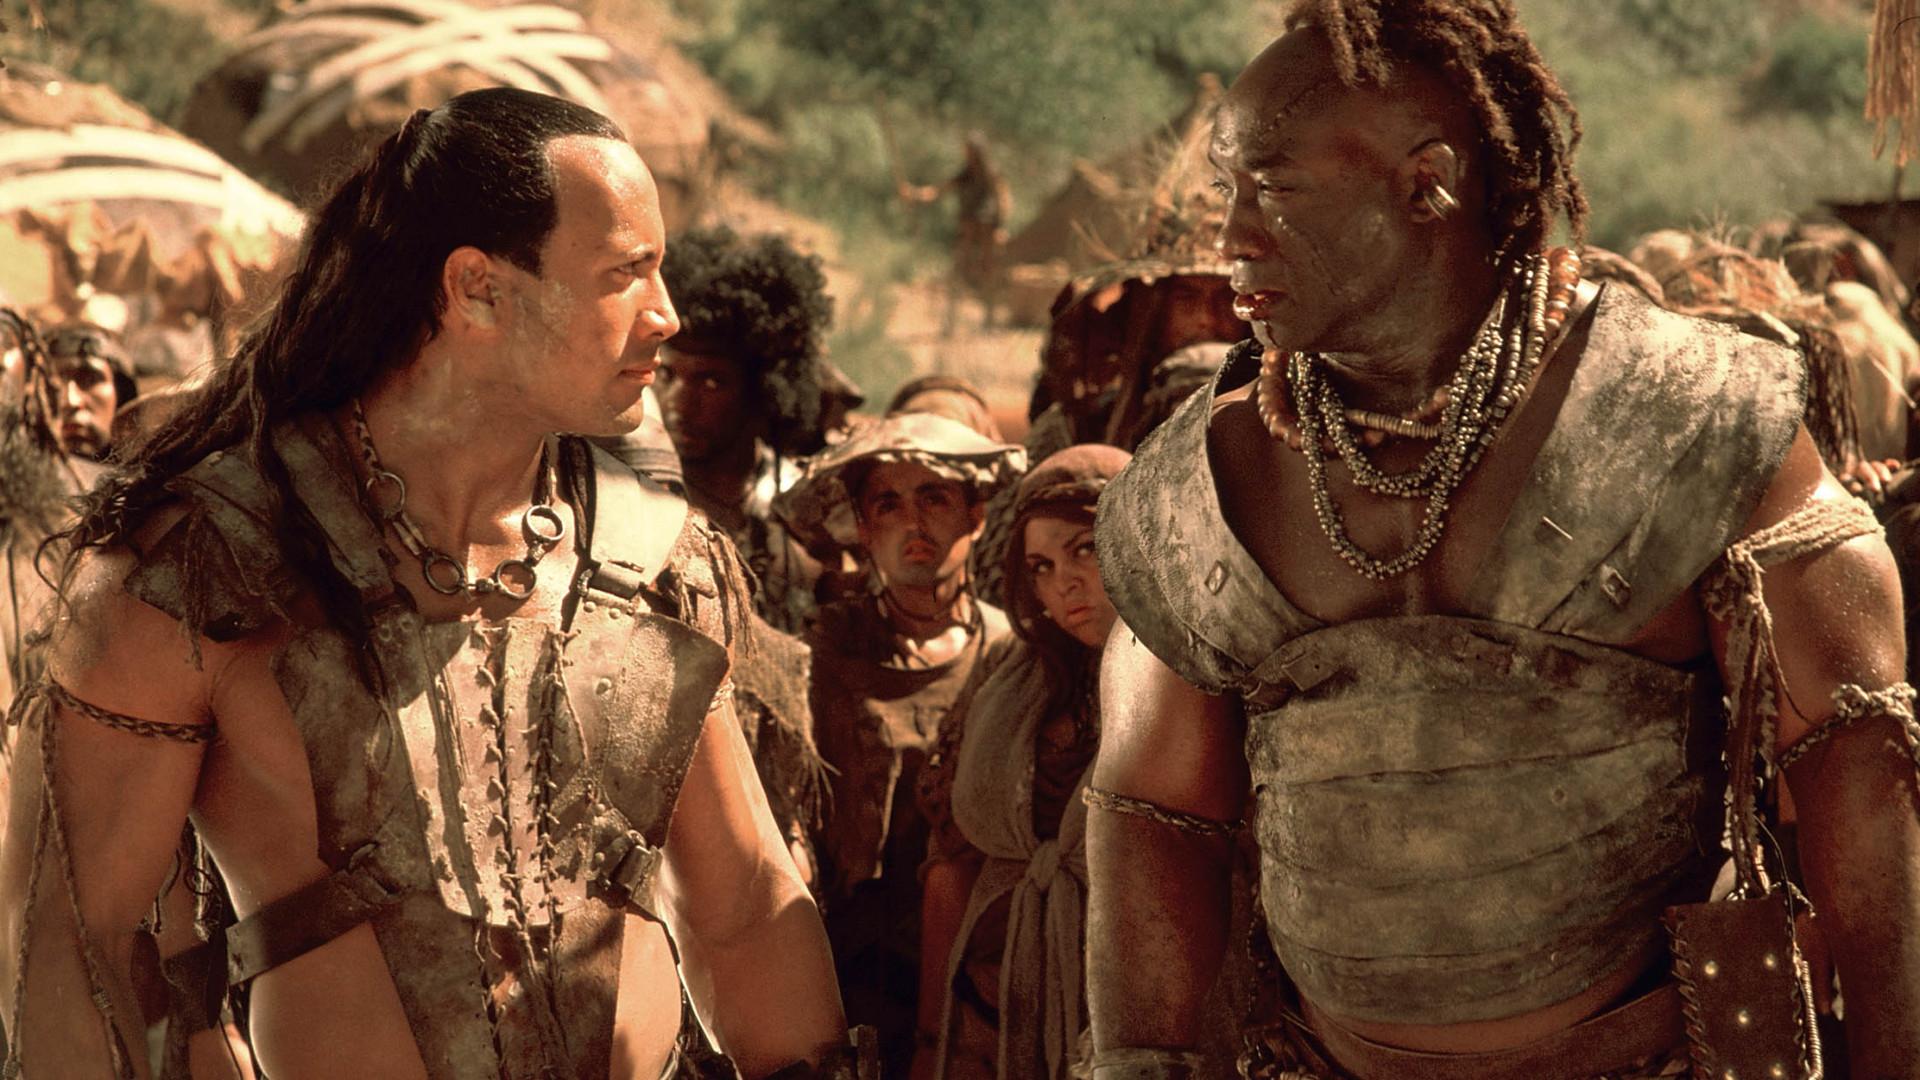 Le Roi Scorpion revient au cinéma... Avec un reboot